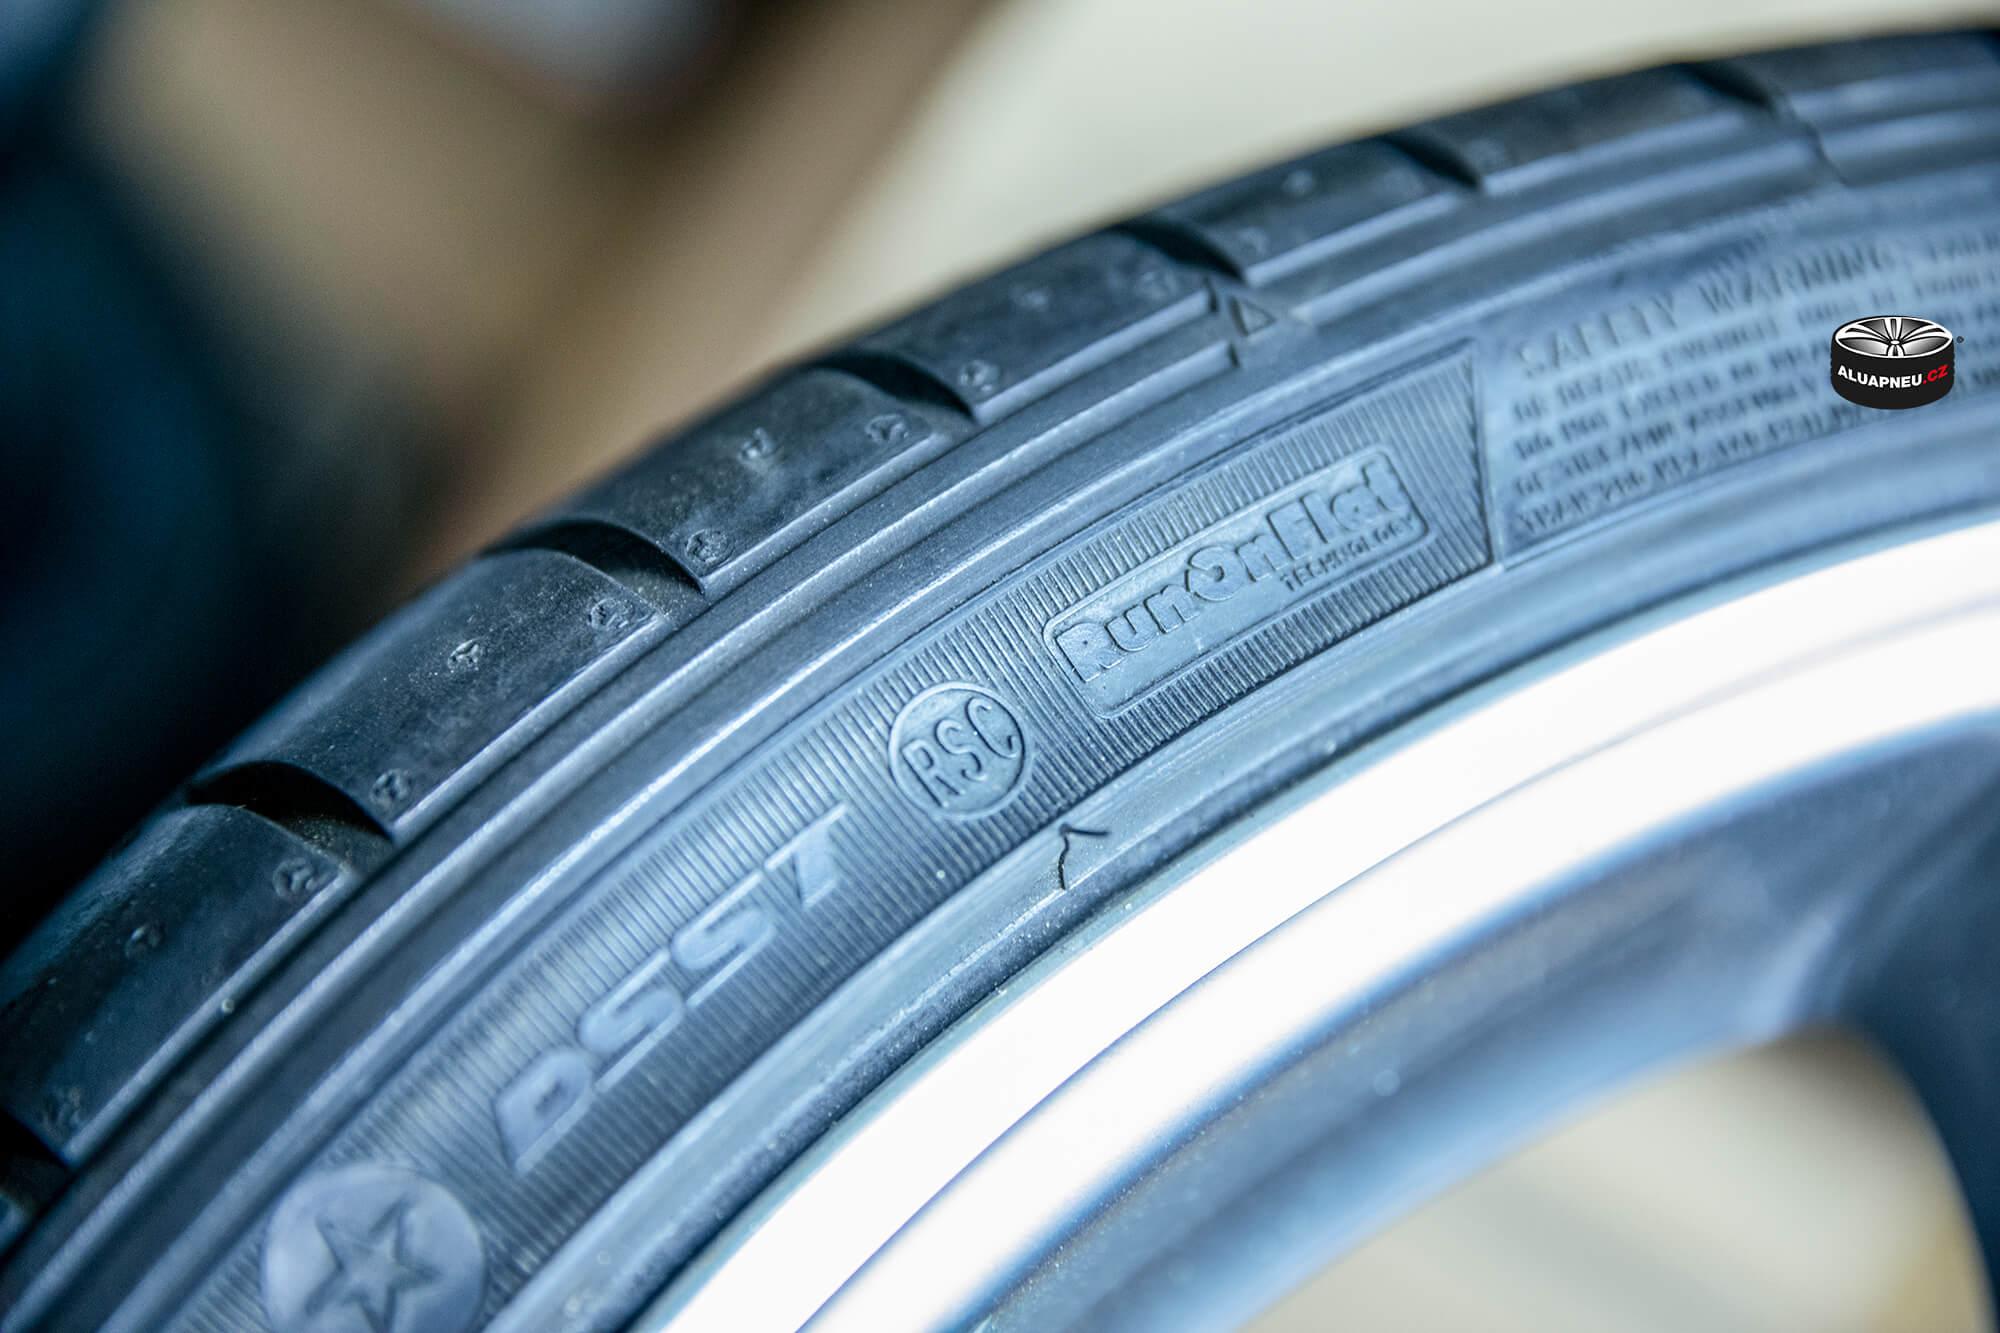 Označení runflat pneumatik